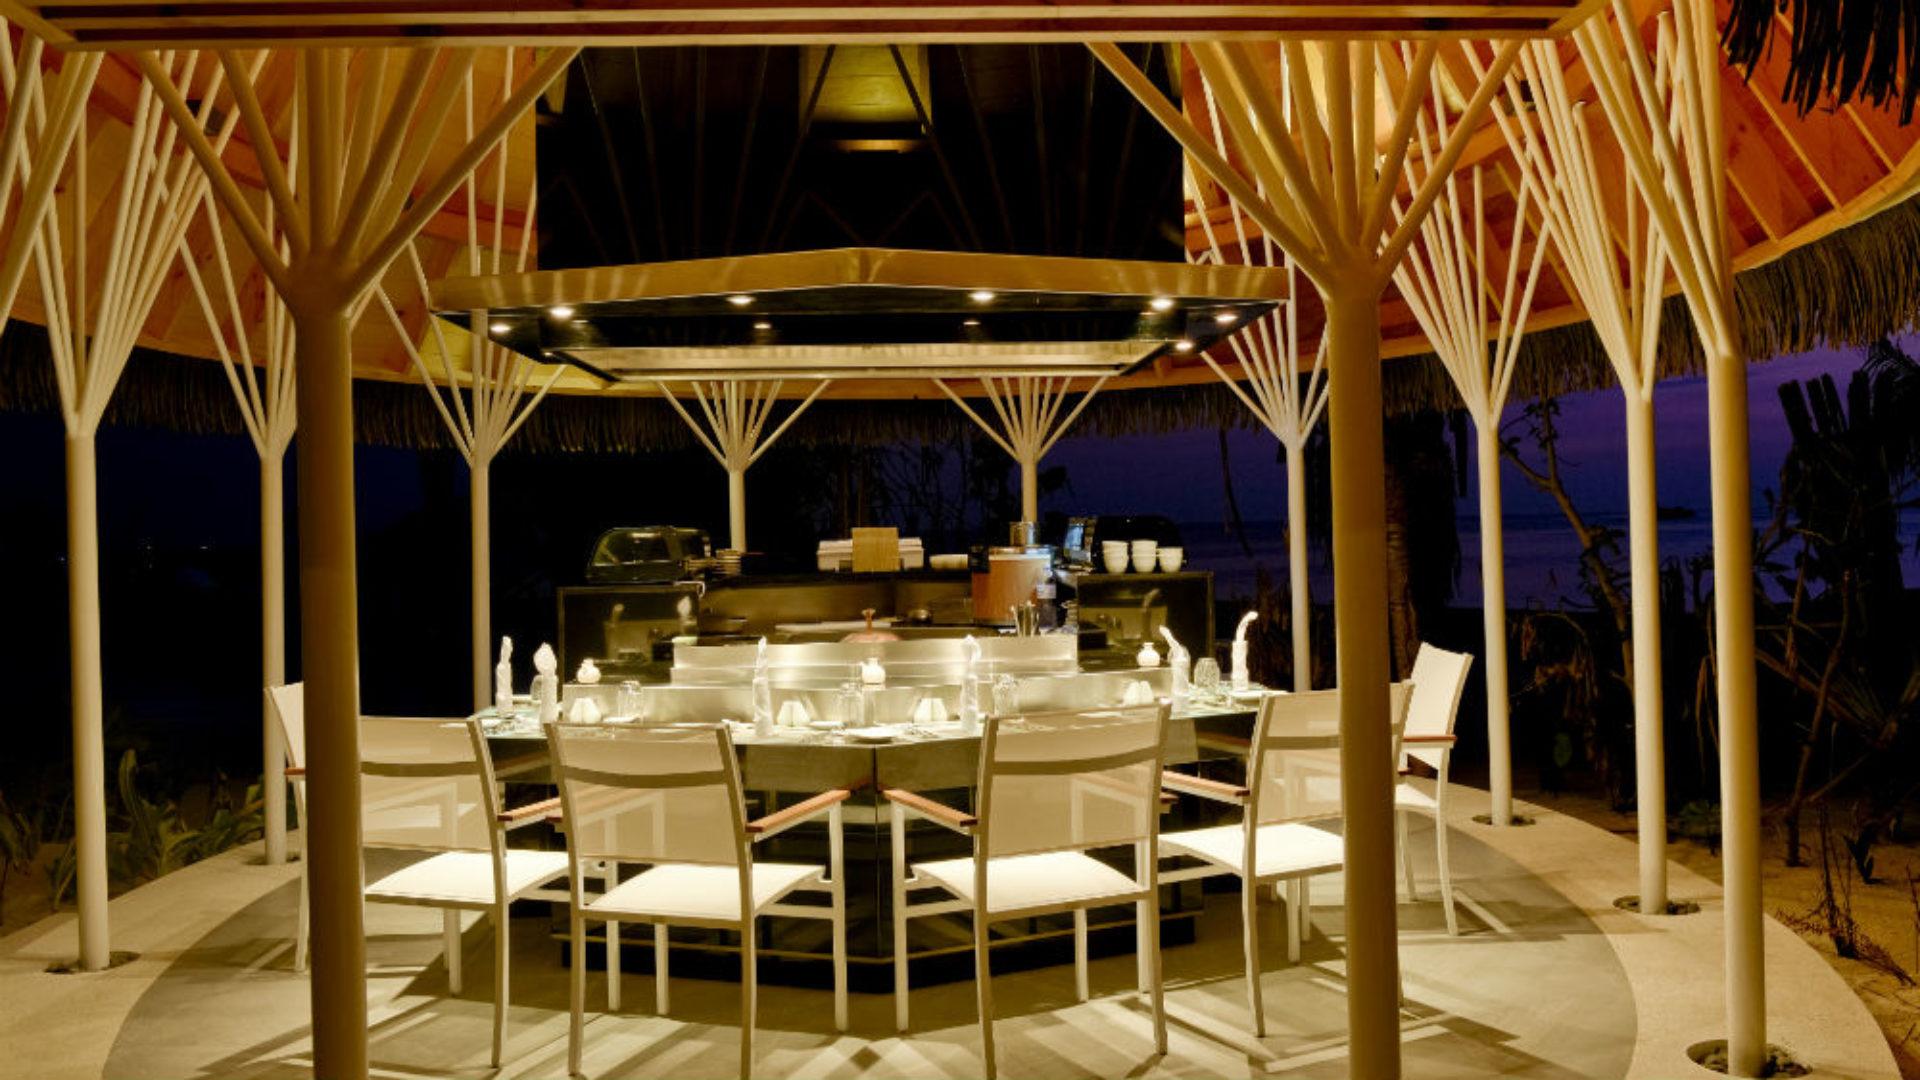 Banzai restaurant at night at Kandolhu Resort